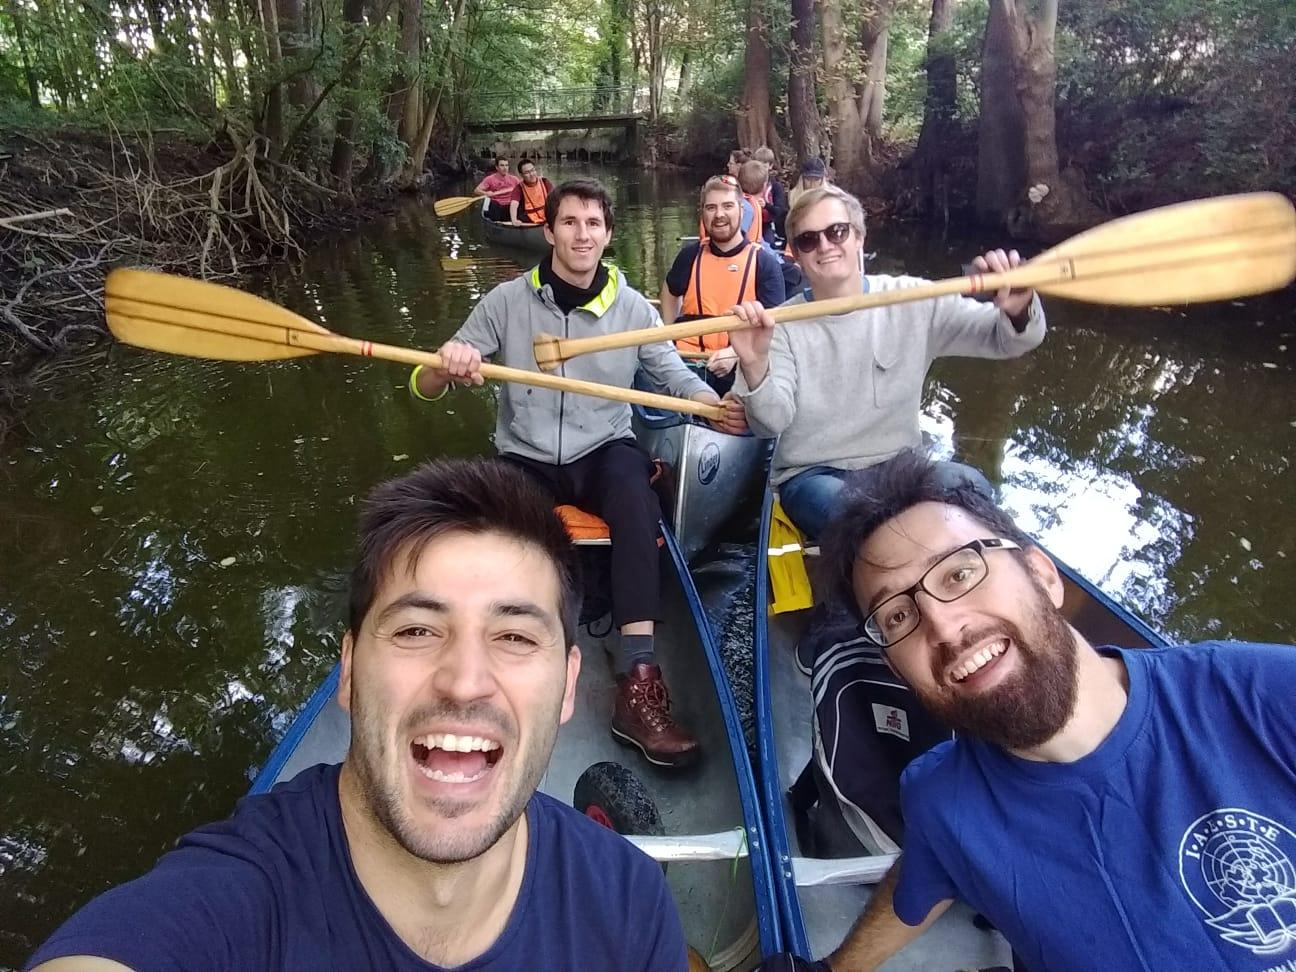 og vi har det sjovt på vores årlige kanotur